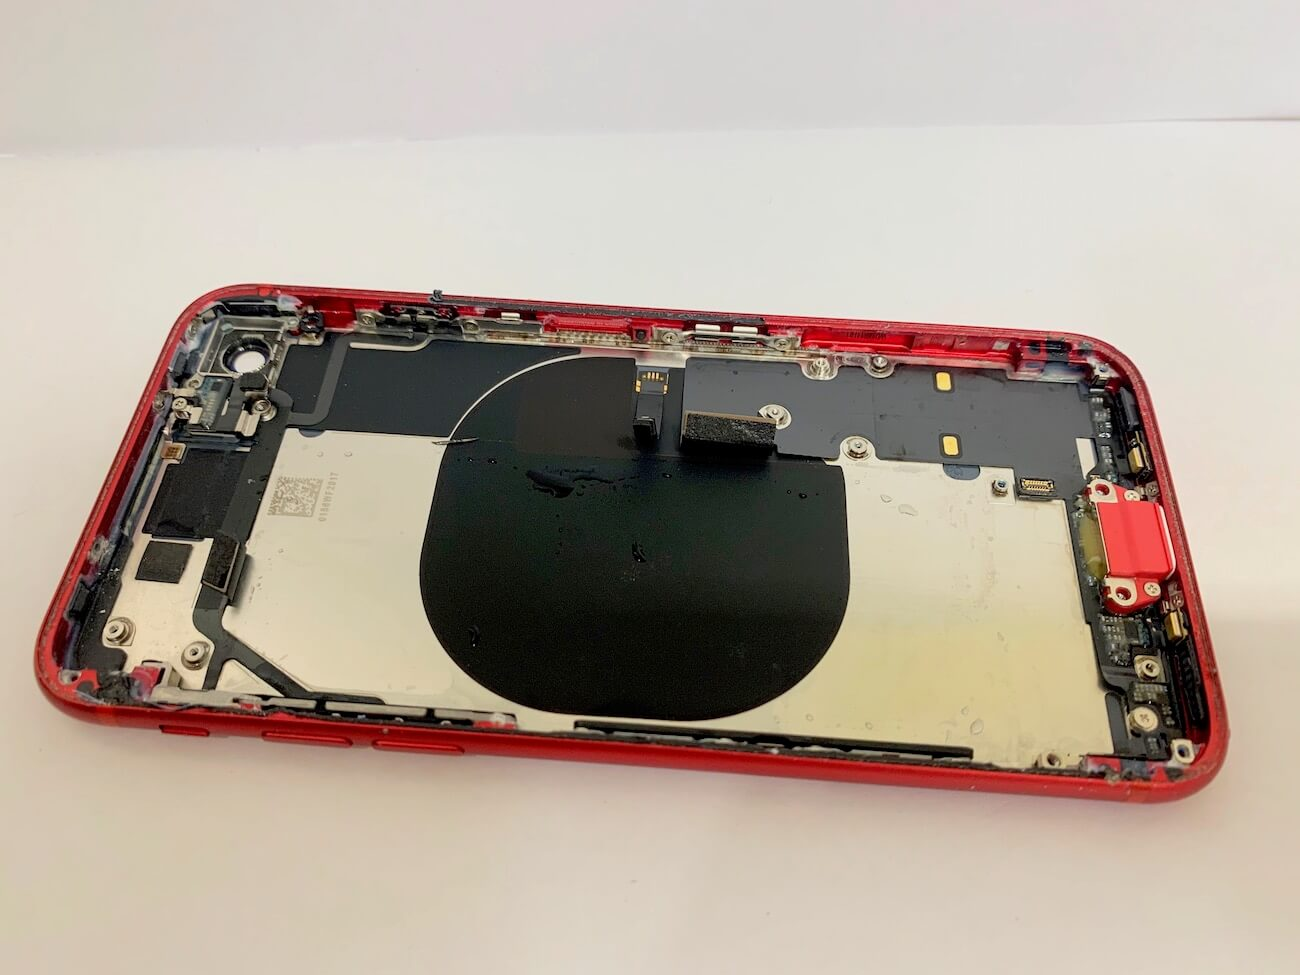 写真は、分解中のiPhoneSE(第二世代)